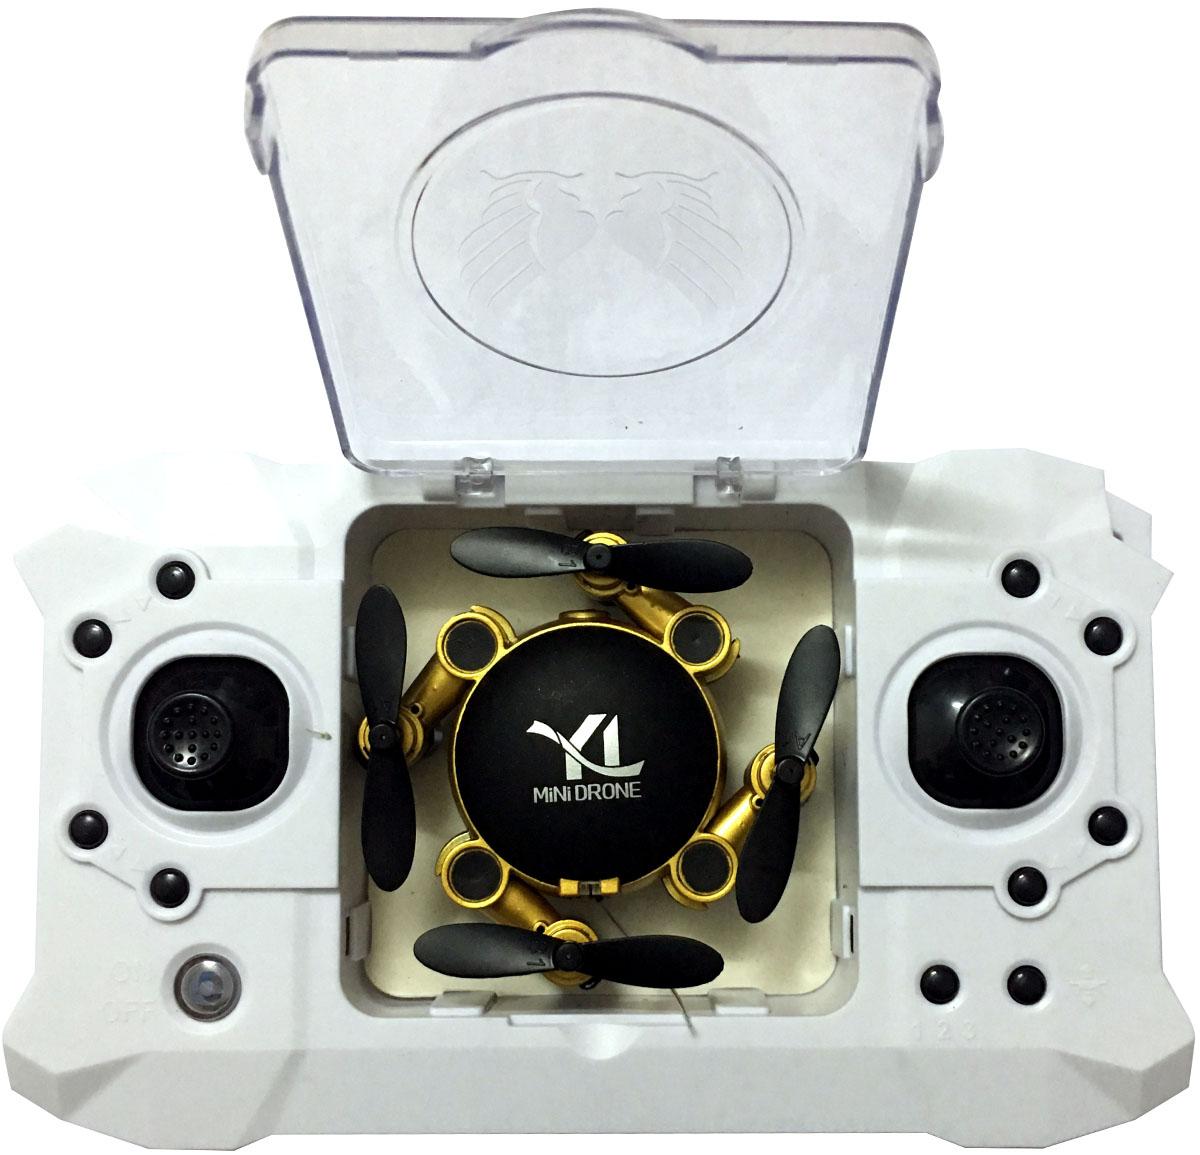 Yile Селфи-коптер на радиоуправлении S18 с камерой 0,5 МР цвет золотой